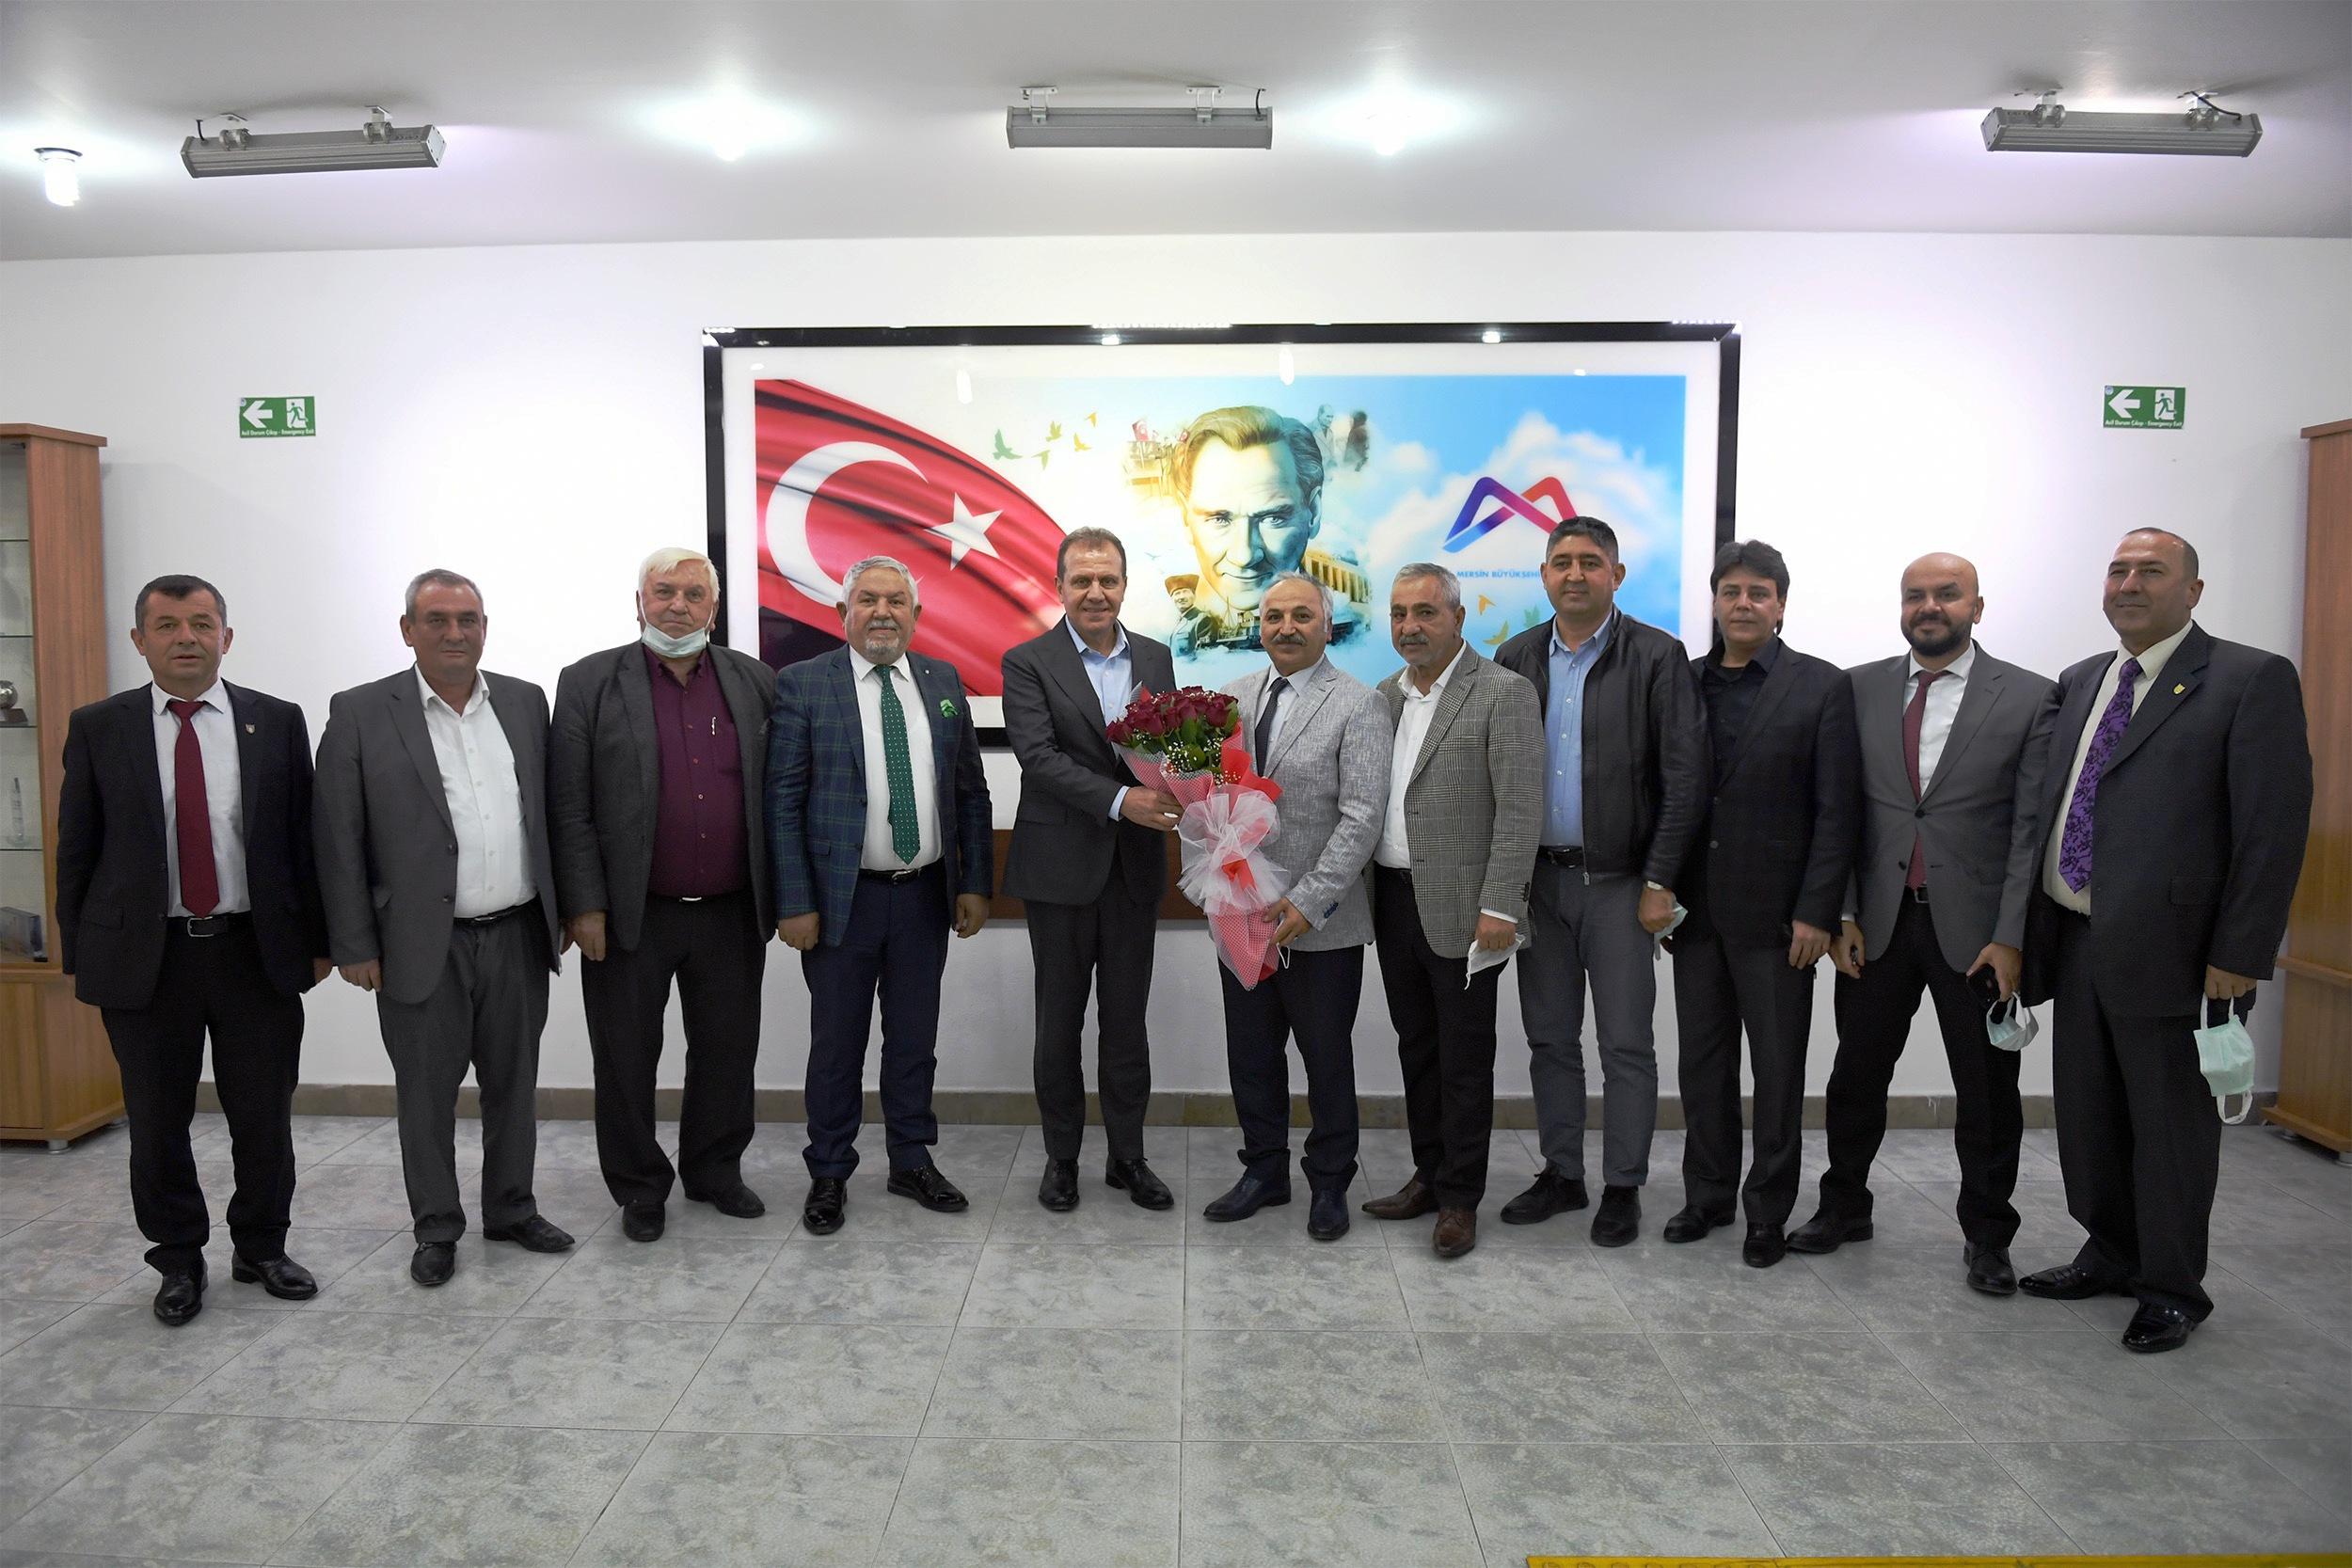 ESNAF TEMSİLCİLERİNDEN SEÇER'E TEŞEKKÜR ZİYARETİ